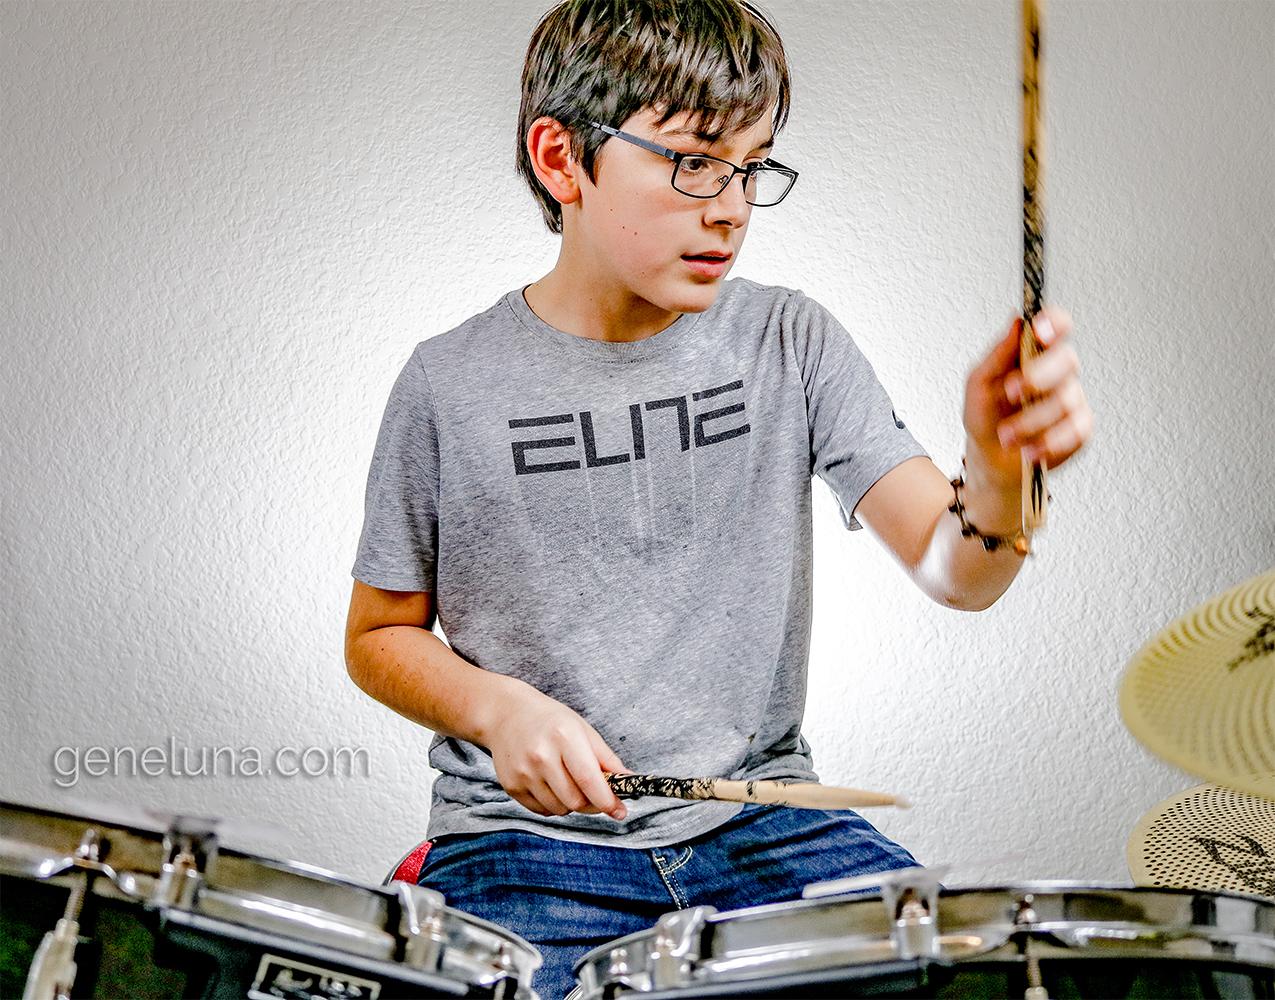 Jesse | GeneLuna.com